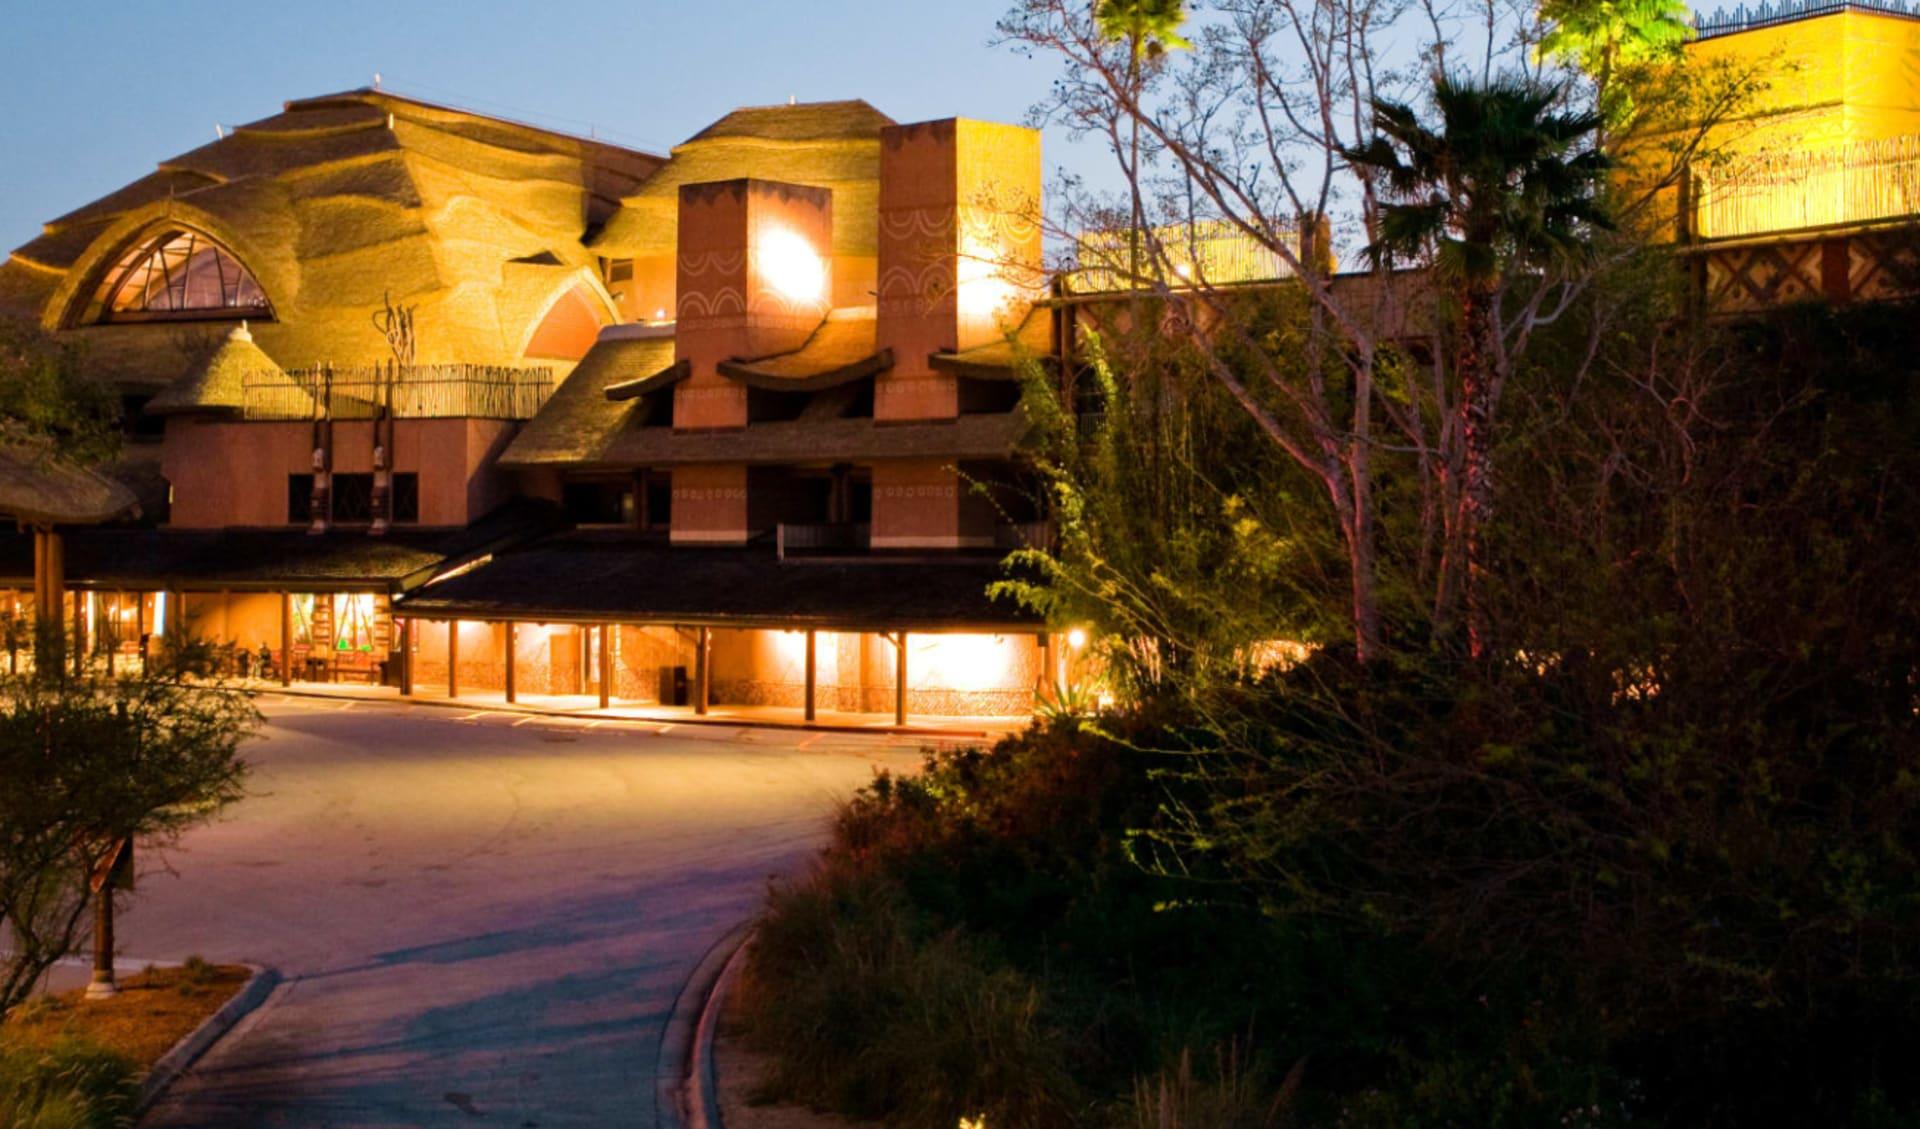 Disney's Animal Kingdom Lodge in Lake Buena Vista: 48313090_MHS_030908_0020